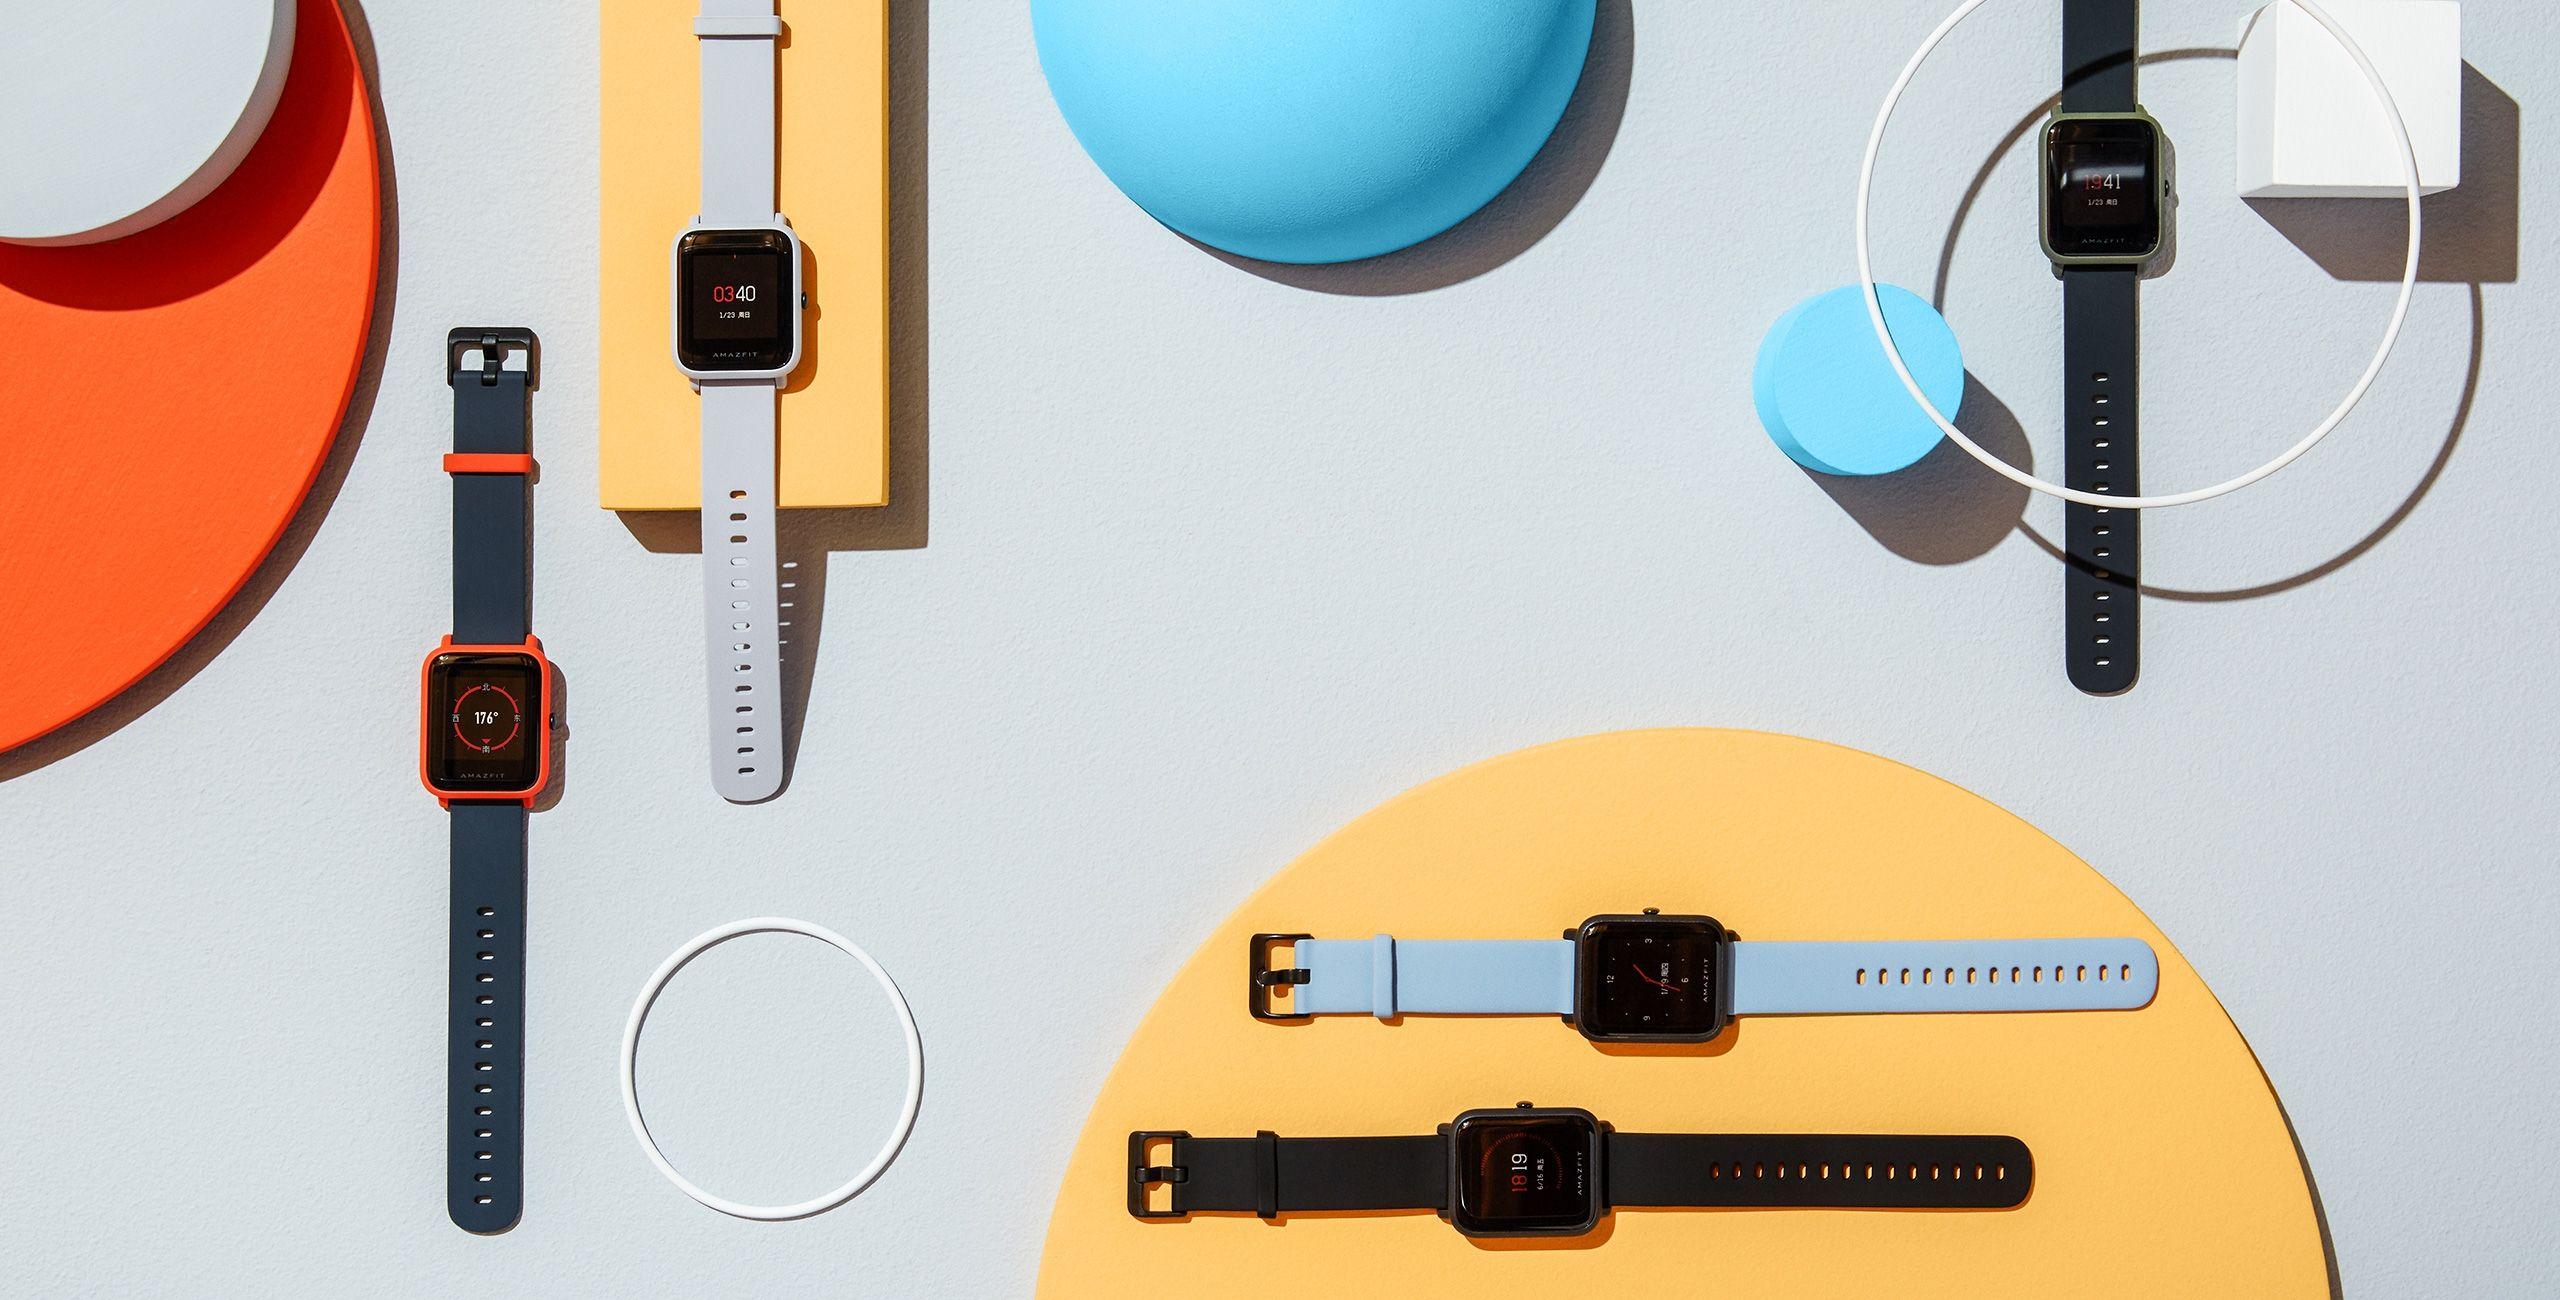 可穿戴设备之智能手表:所显示的睡眠数据有科学依据吗?